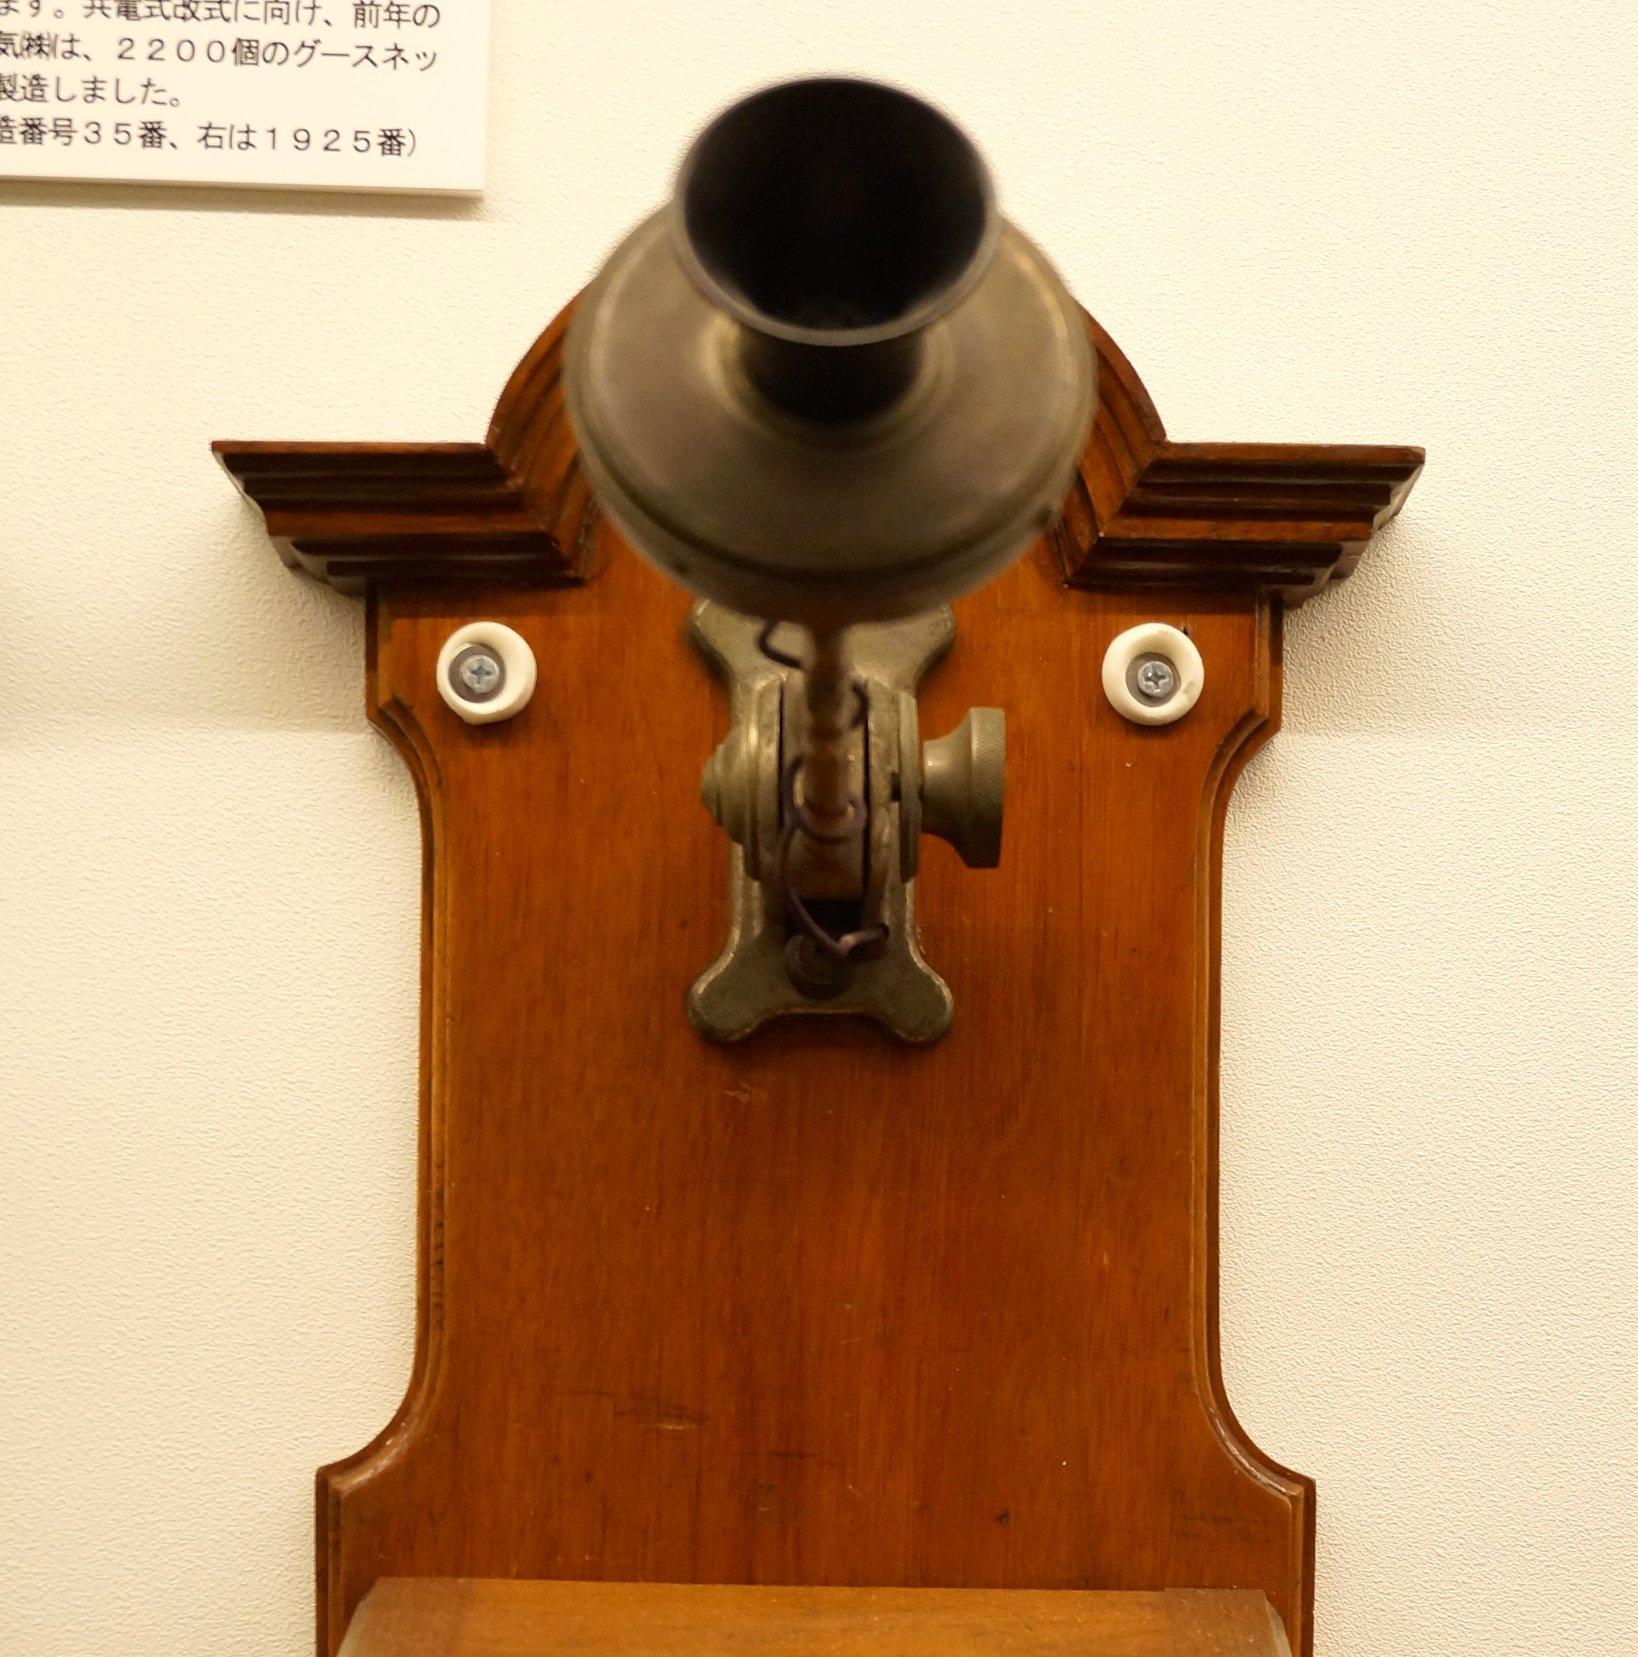 デザインが面白い「グースネック共電式壁掛電話機」